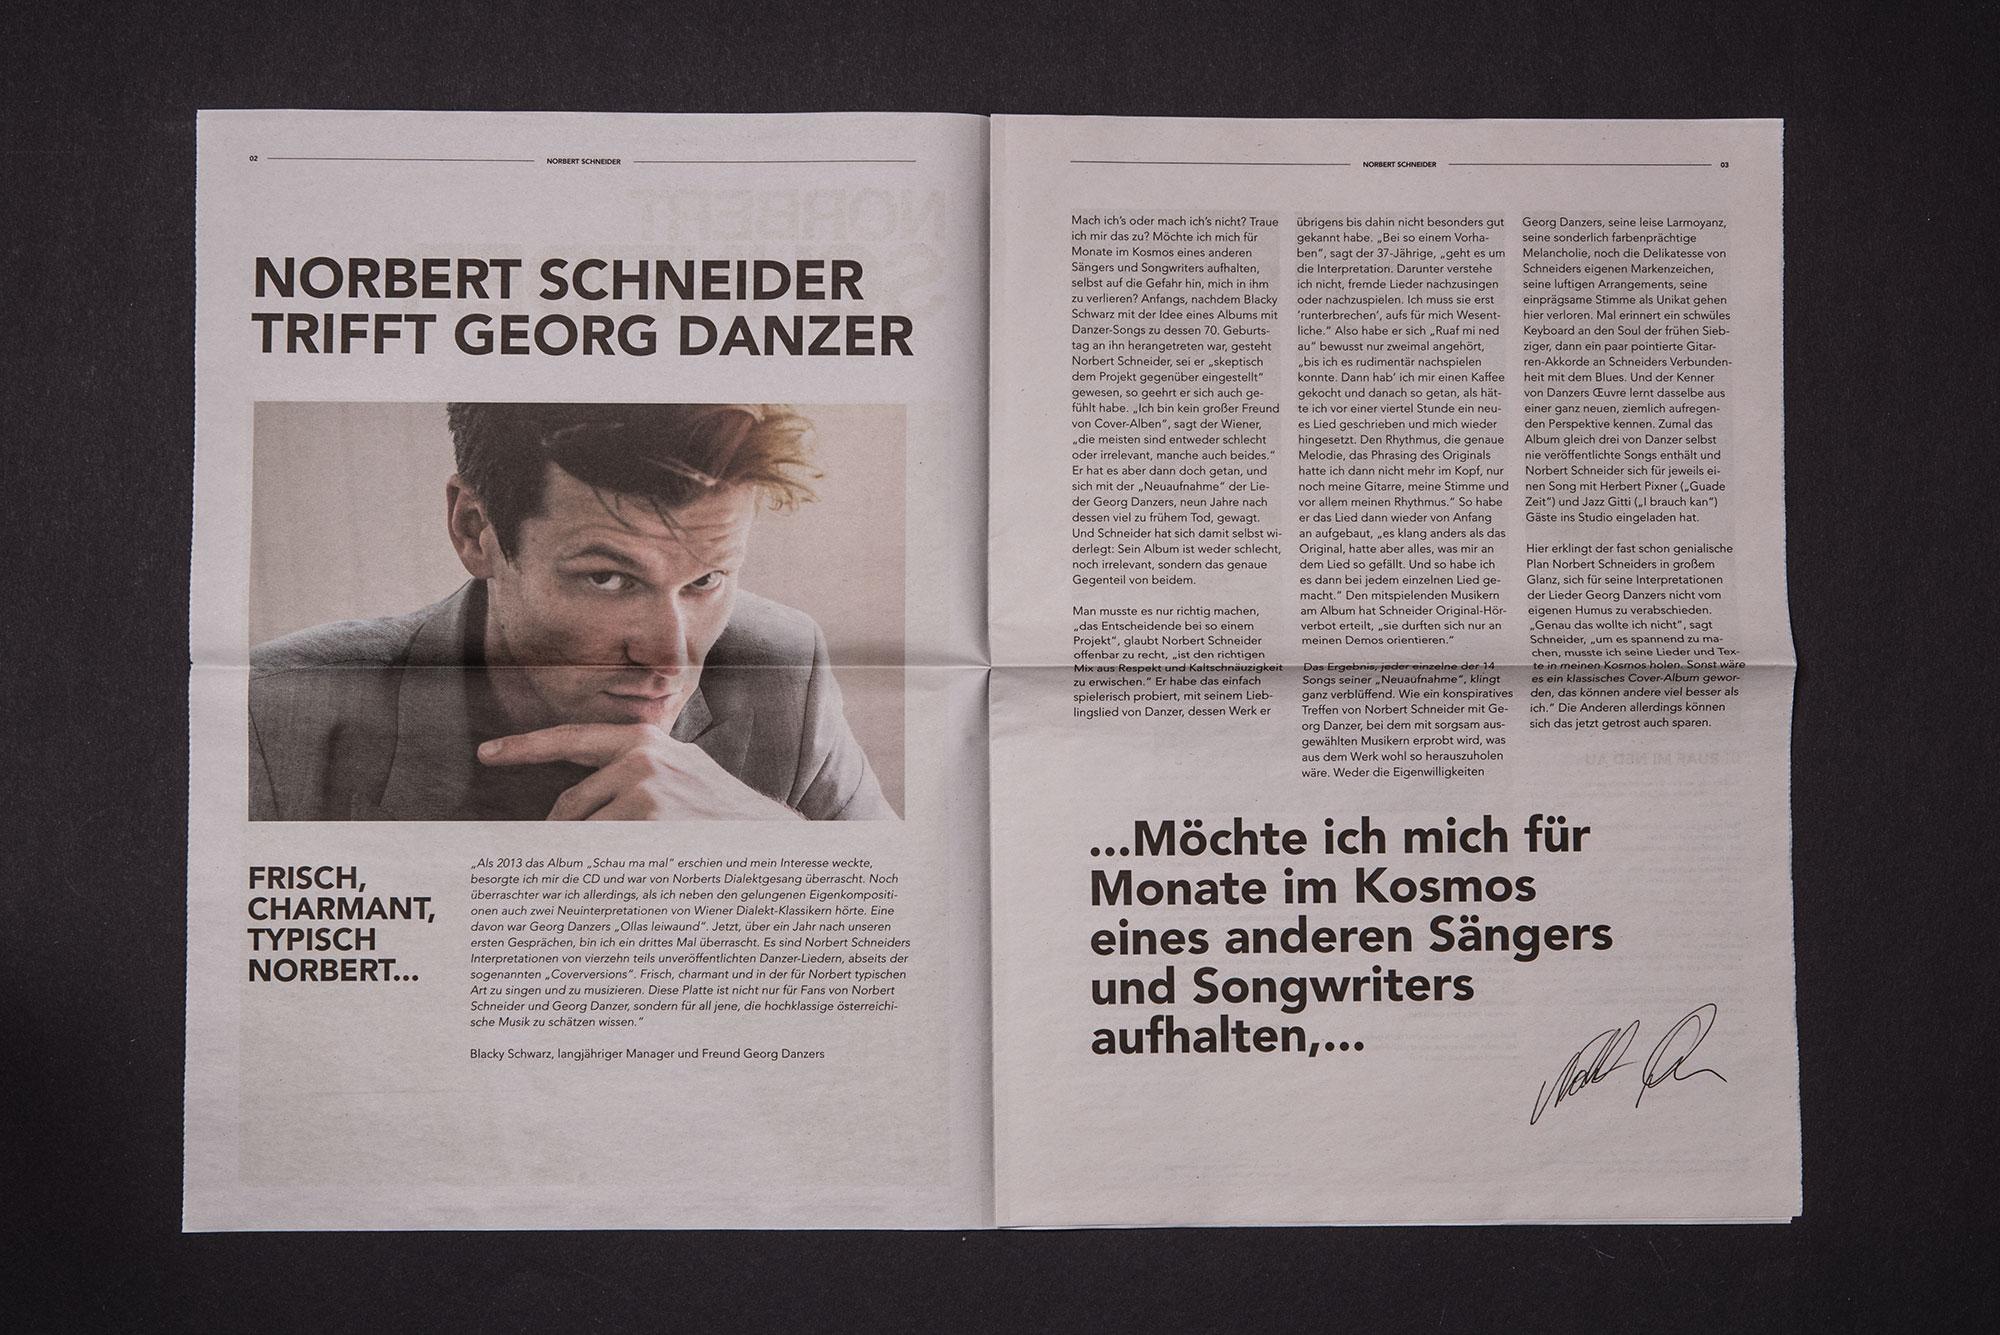 Die Designagentur 75a aus Stuttgart gestaltet das neue Artwork von Norbert Schneider